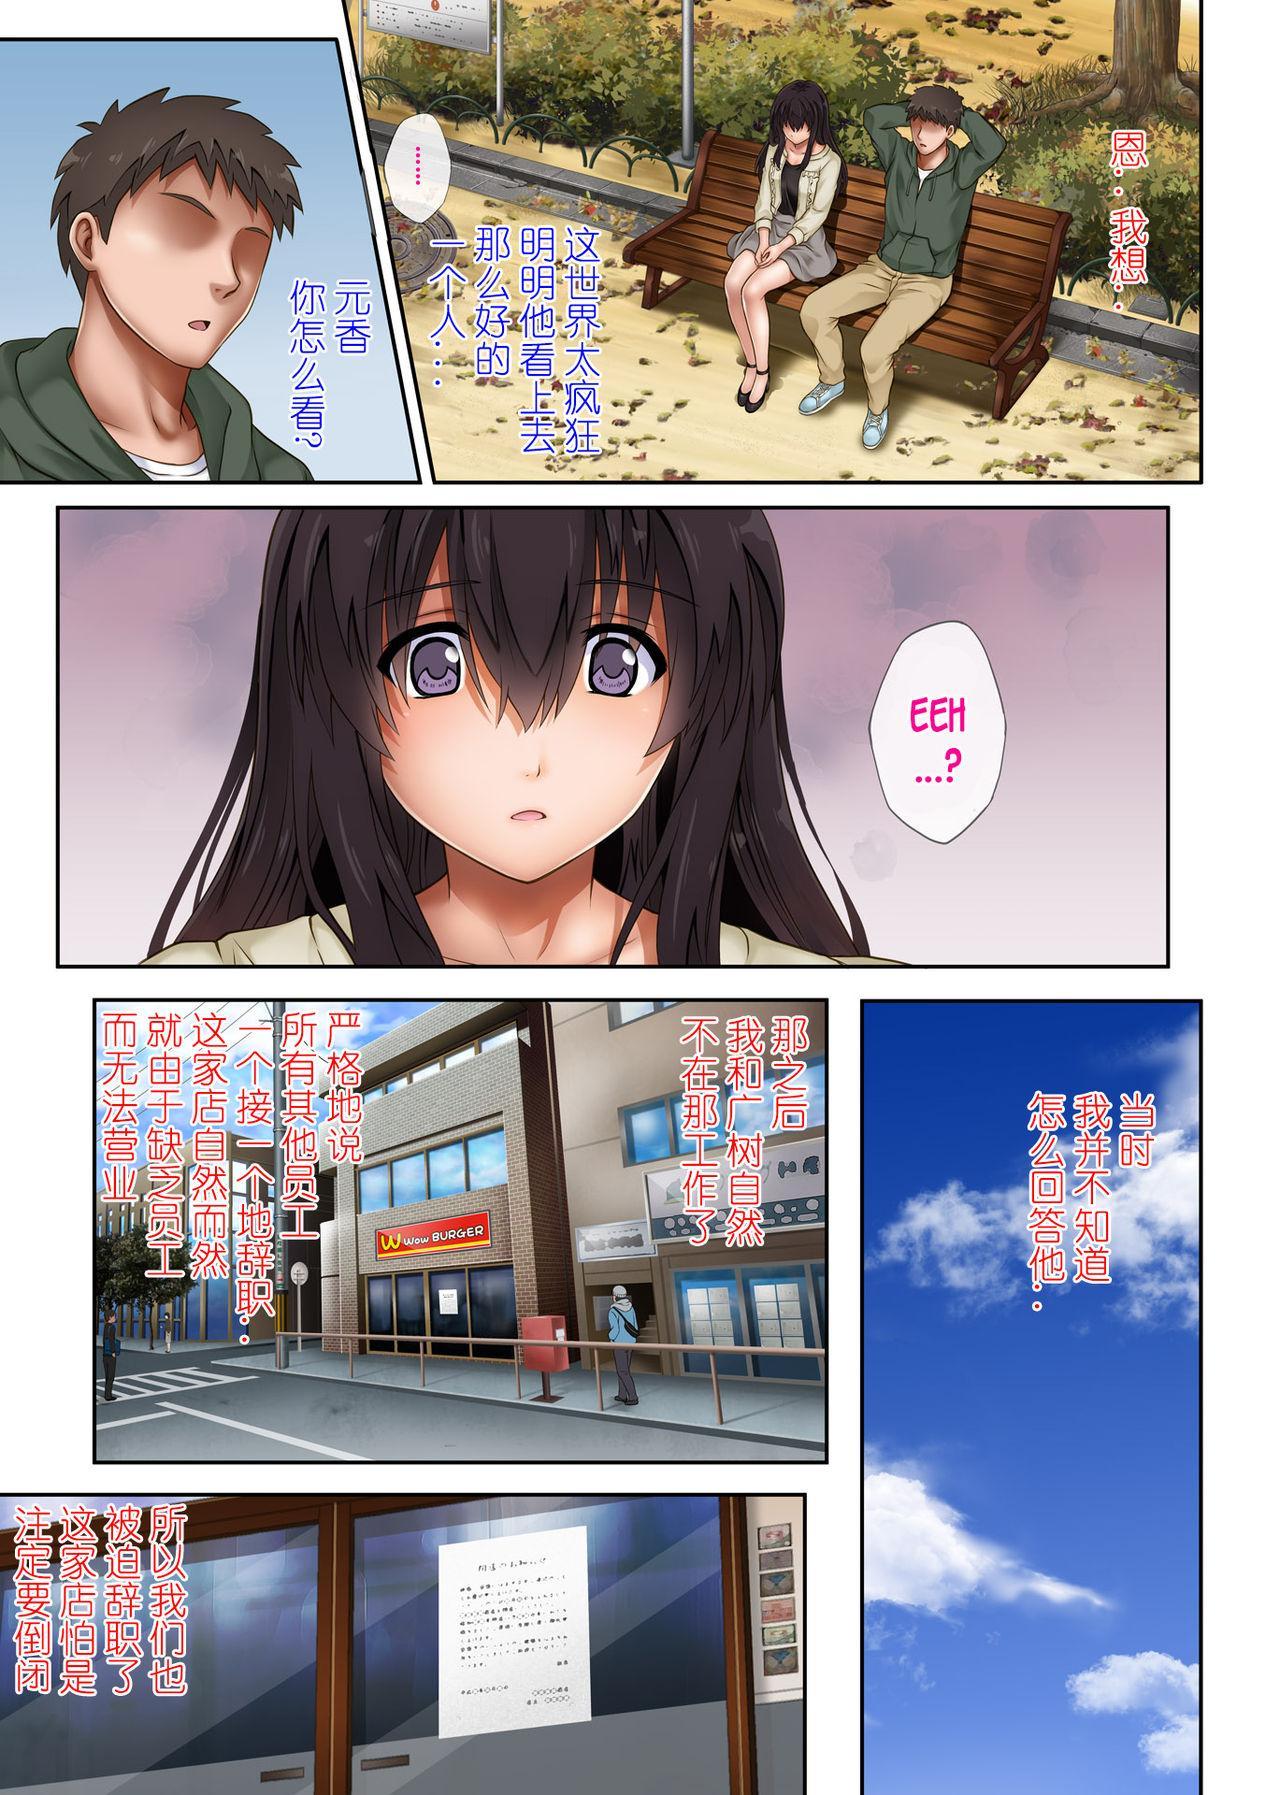 Kare to Watashi to Tenchou no Shinya Kinmu 3 23